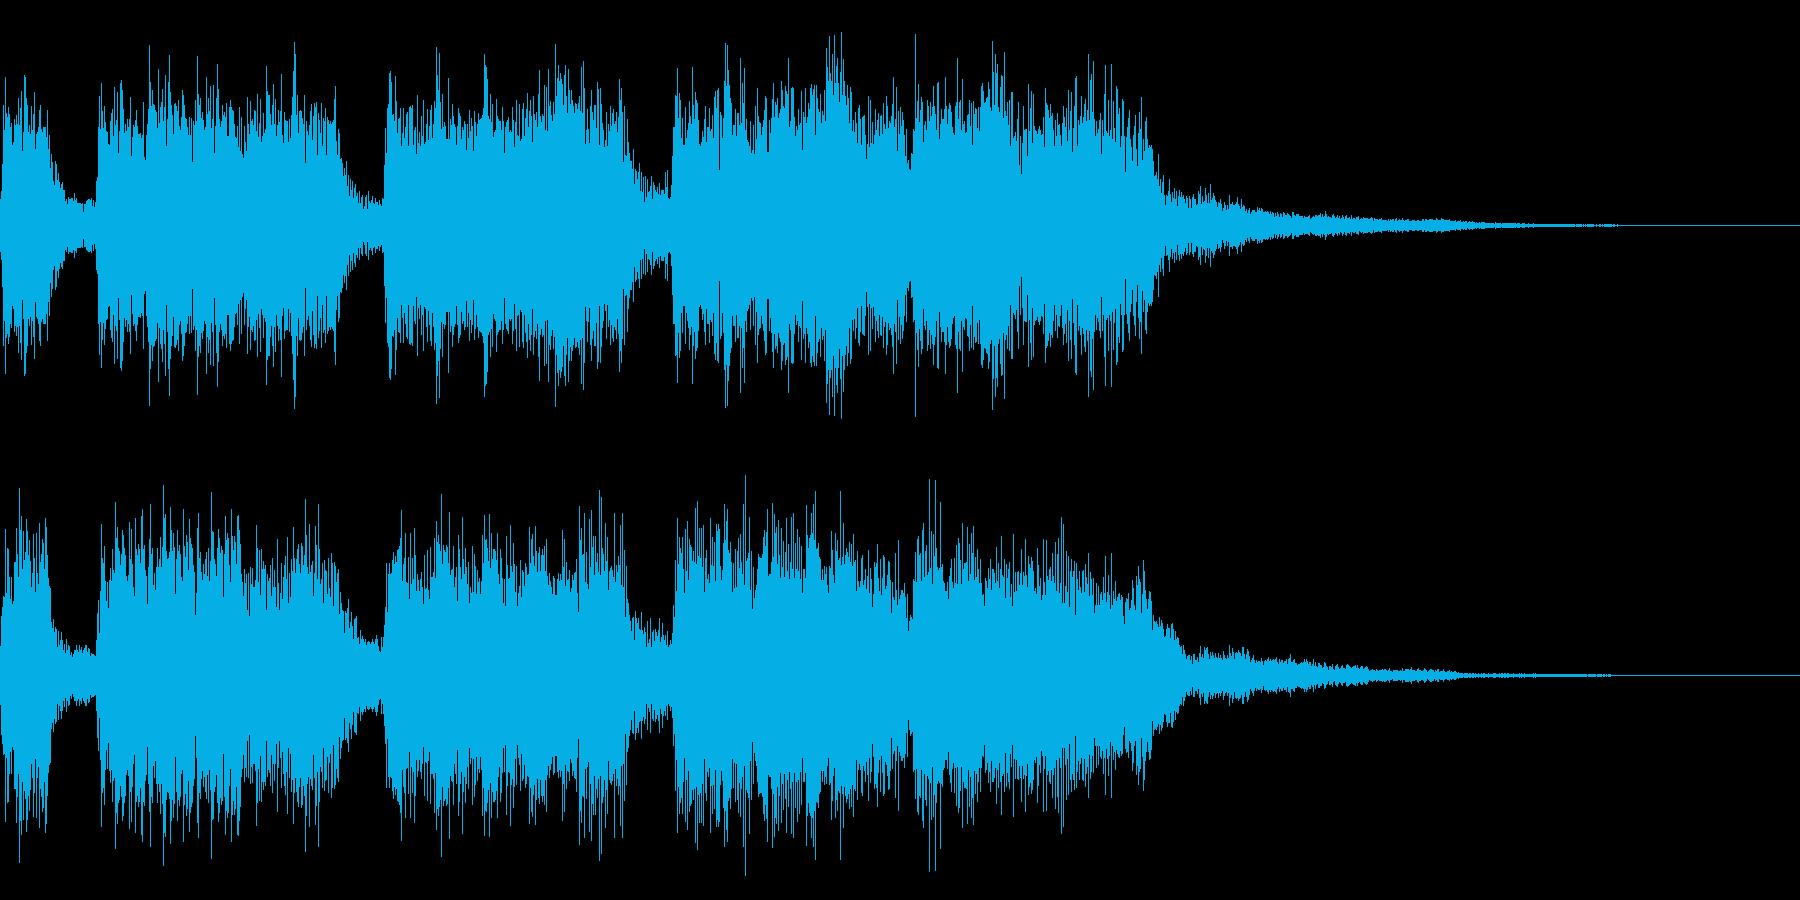 8bit風ファンファーレ 栄光 勝利の再生済みの波形